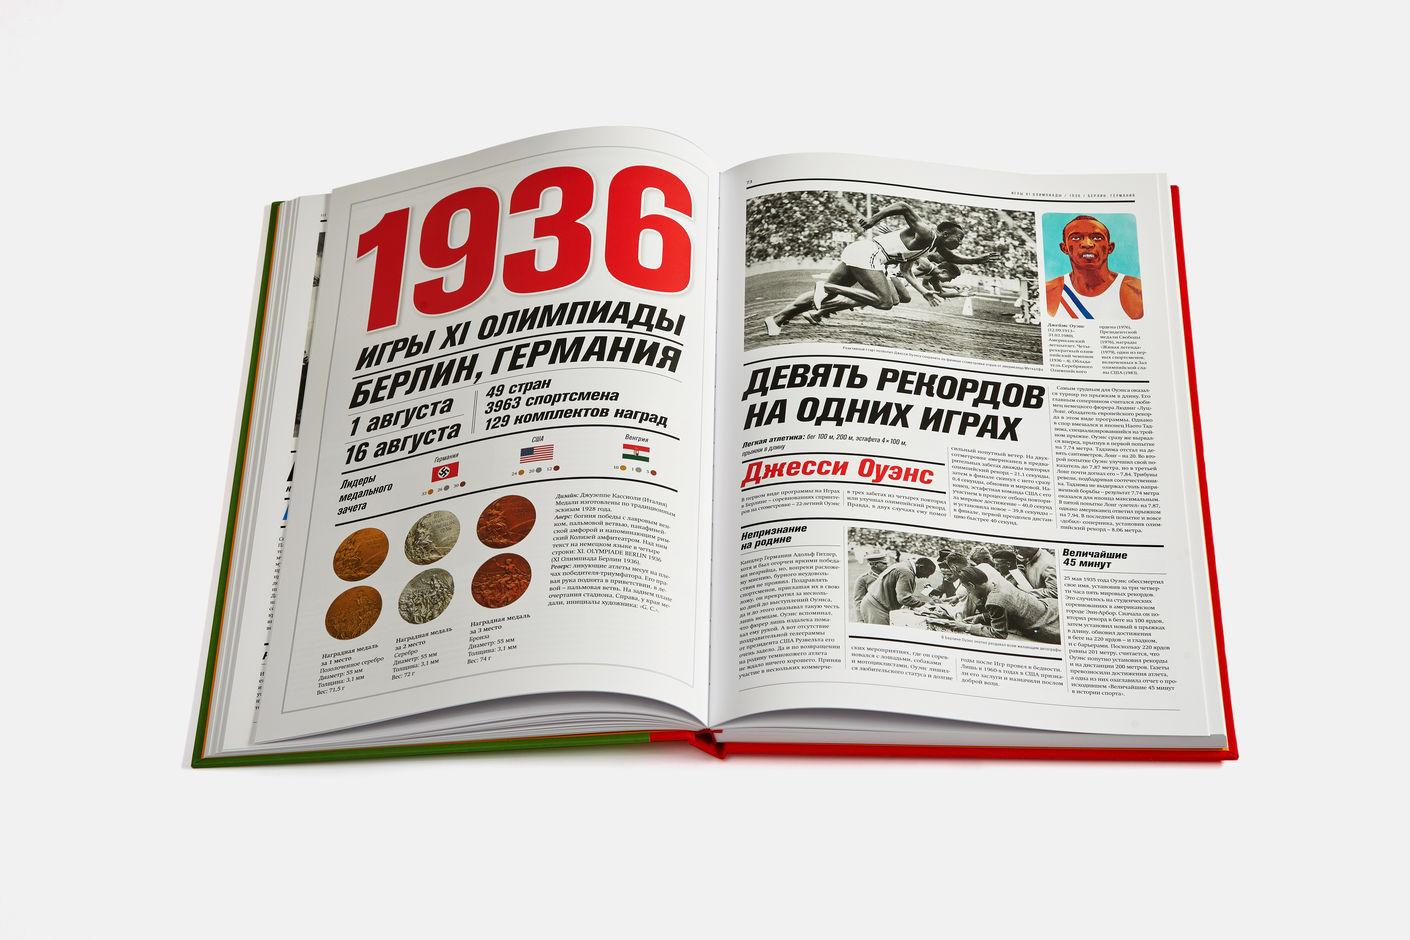 Олимпийские герои, подарочная книга для компании, 2019, Агей Томеш